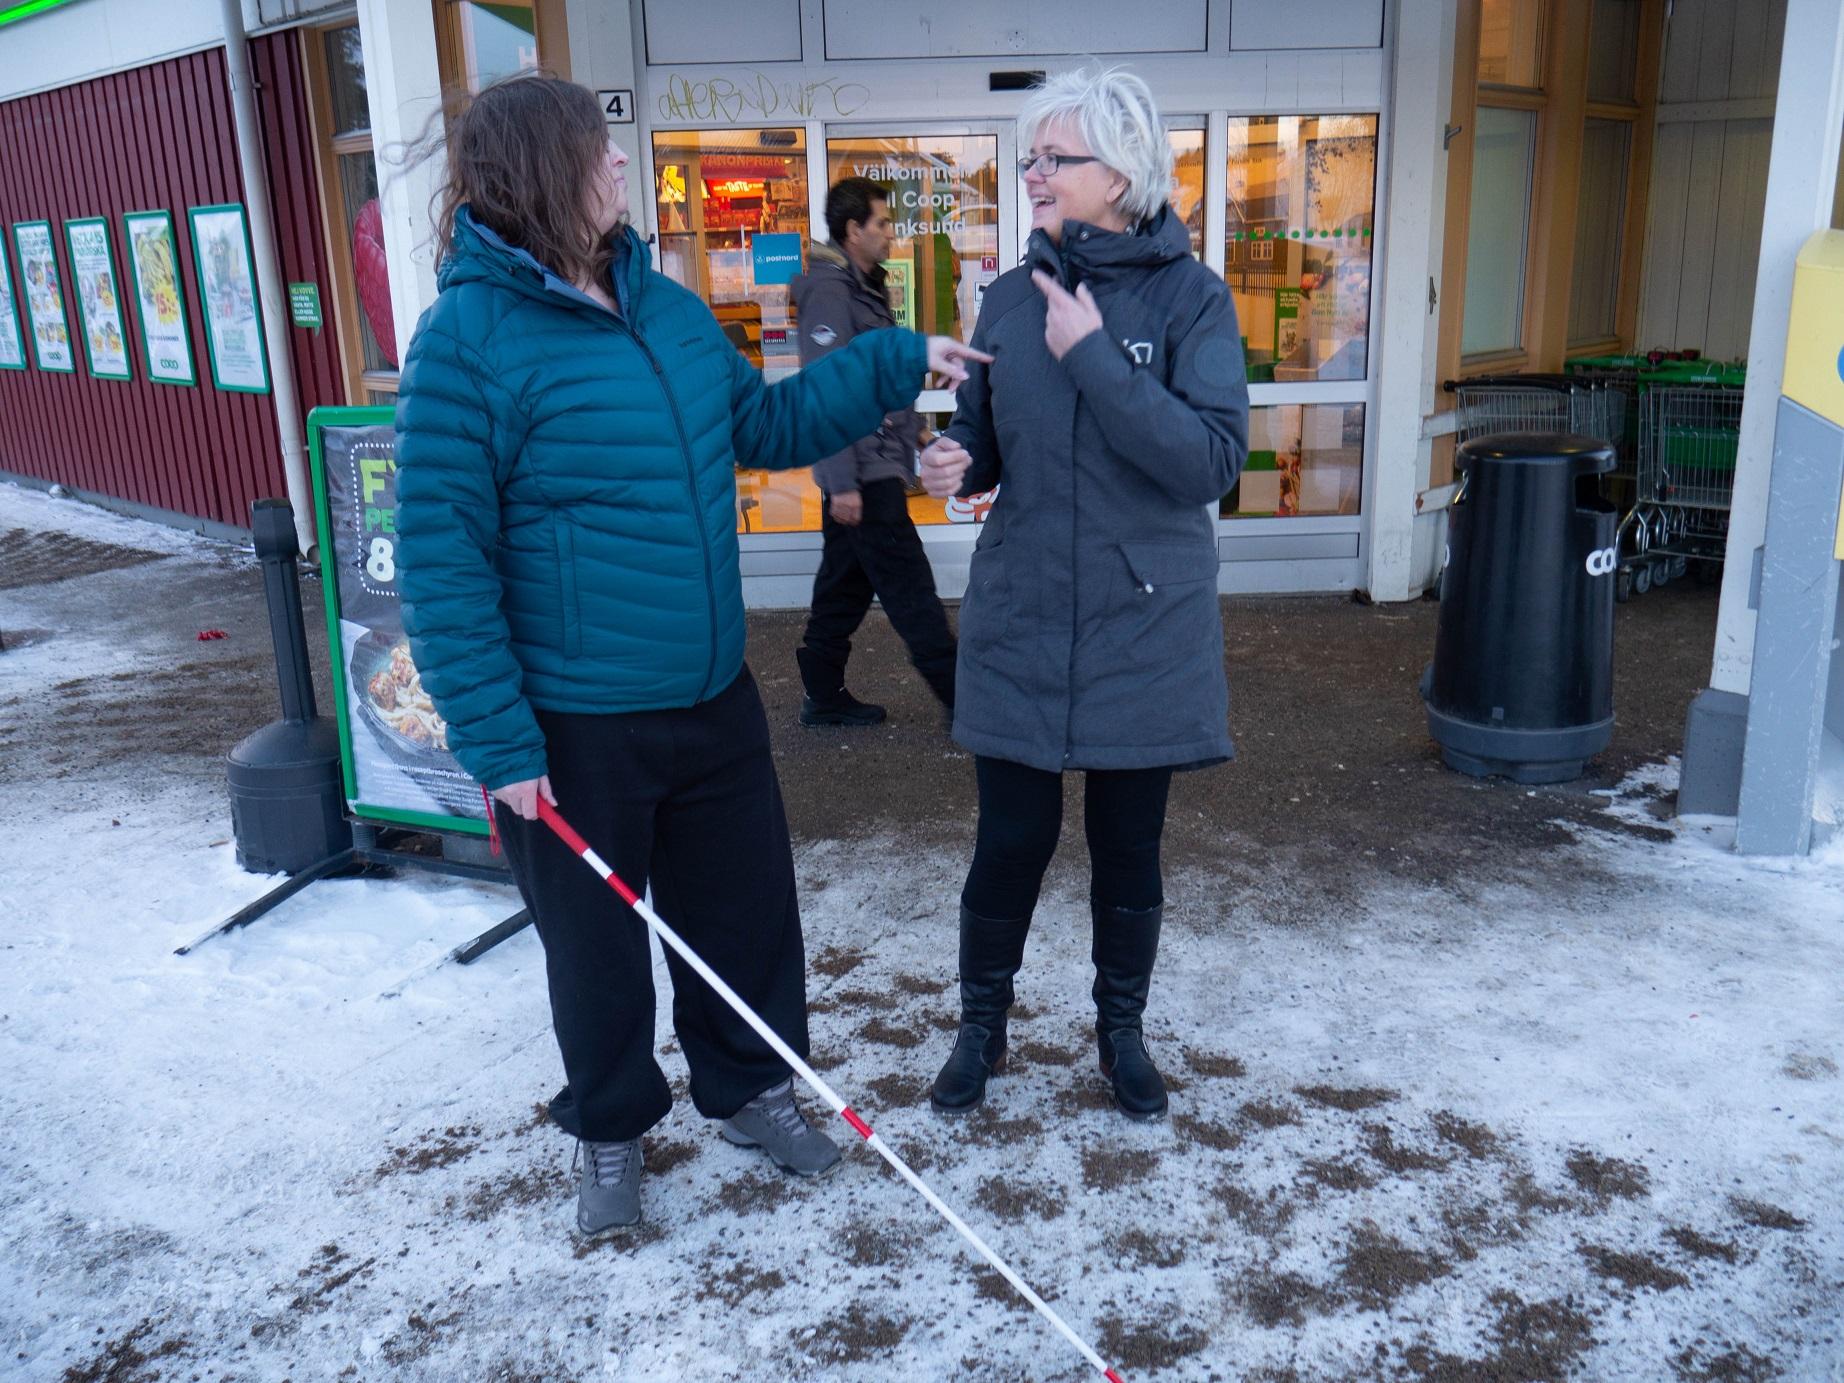 Evelina i blå täckjacka och rödvitrandig teknikäpp till vänster och mamma Ingela i blågrå kappa till höger står utanför affären. På marken snö.